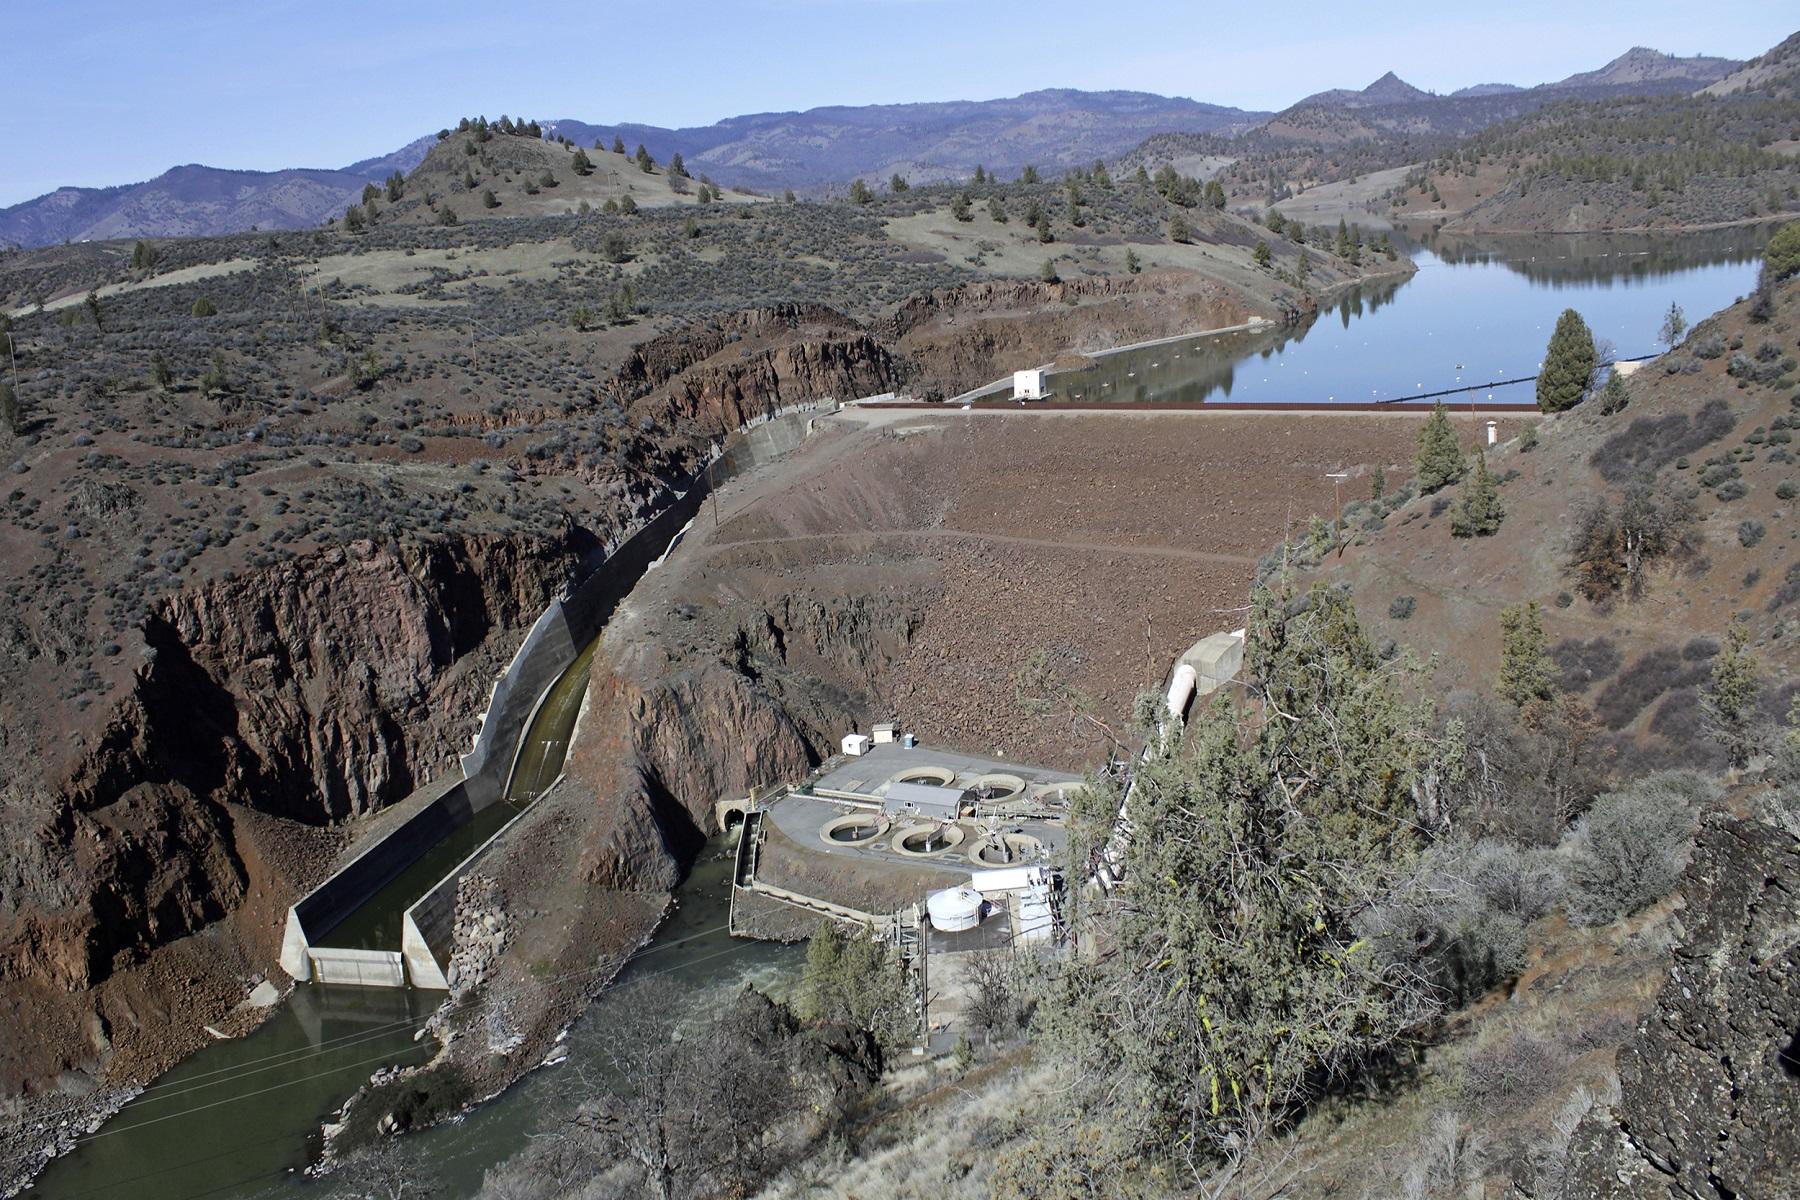 Ξηρασία ΗΠΑ: Καταστροφική η κρίση του νερού στα σύνορα Καλιφόρνιας-Όρεγκον